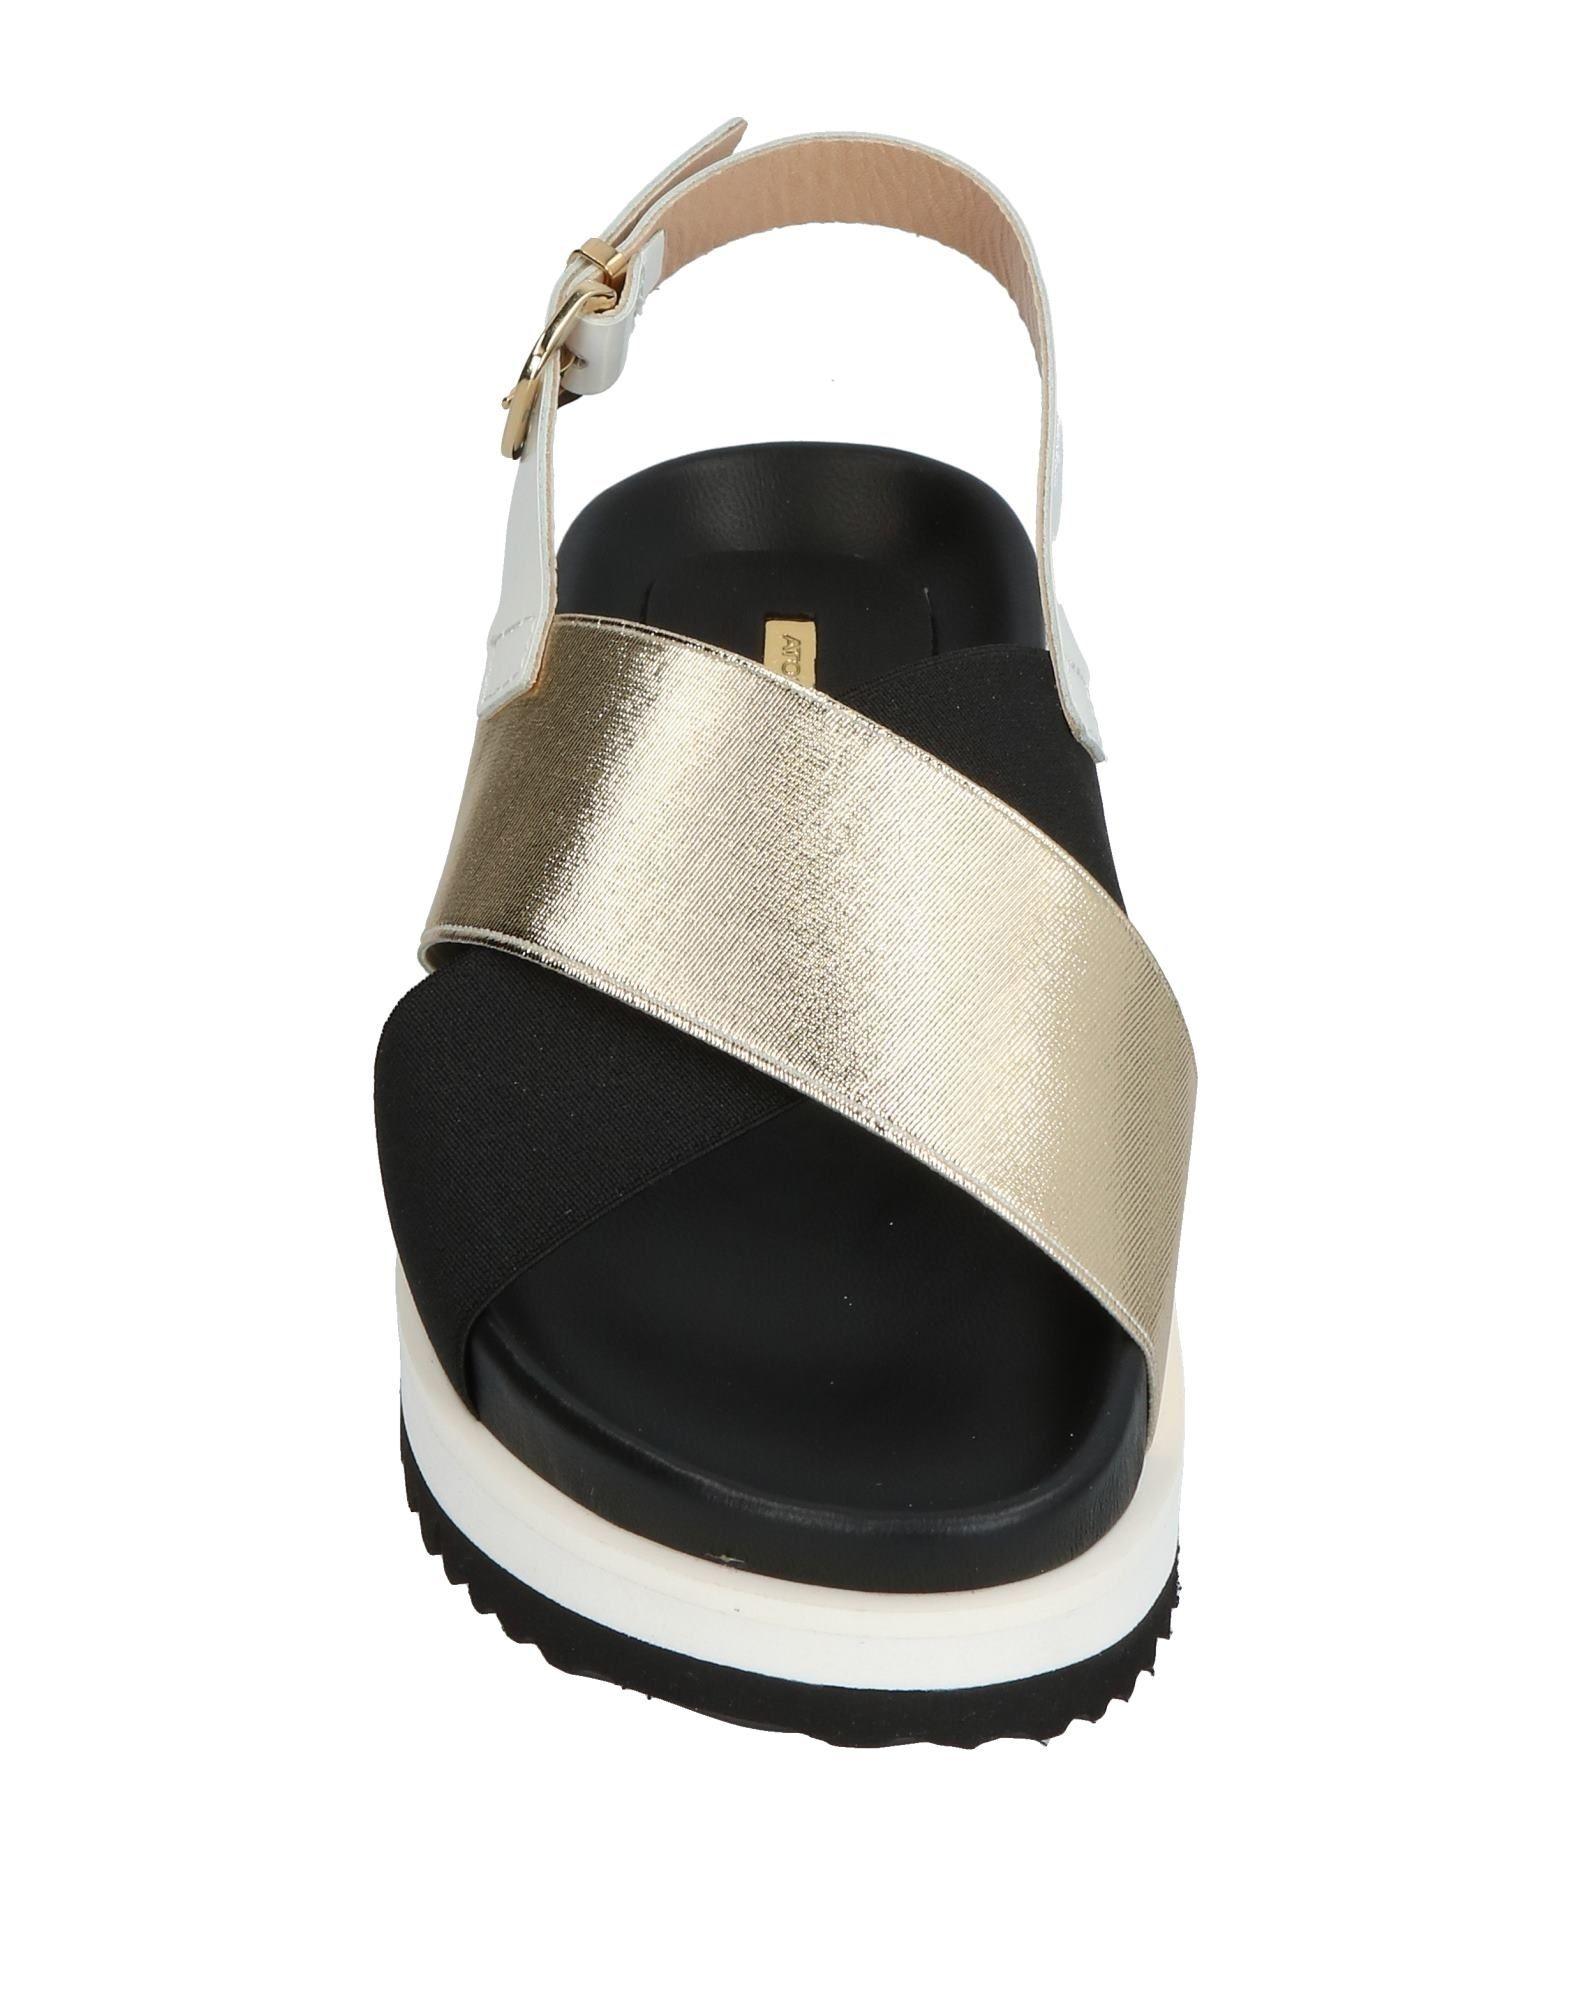 Atos Lombardini Sandalen Damen Schuhe  11326520PQ Gute Qualität beliebte Schuhe Damen 49d919